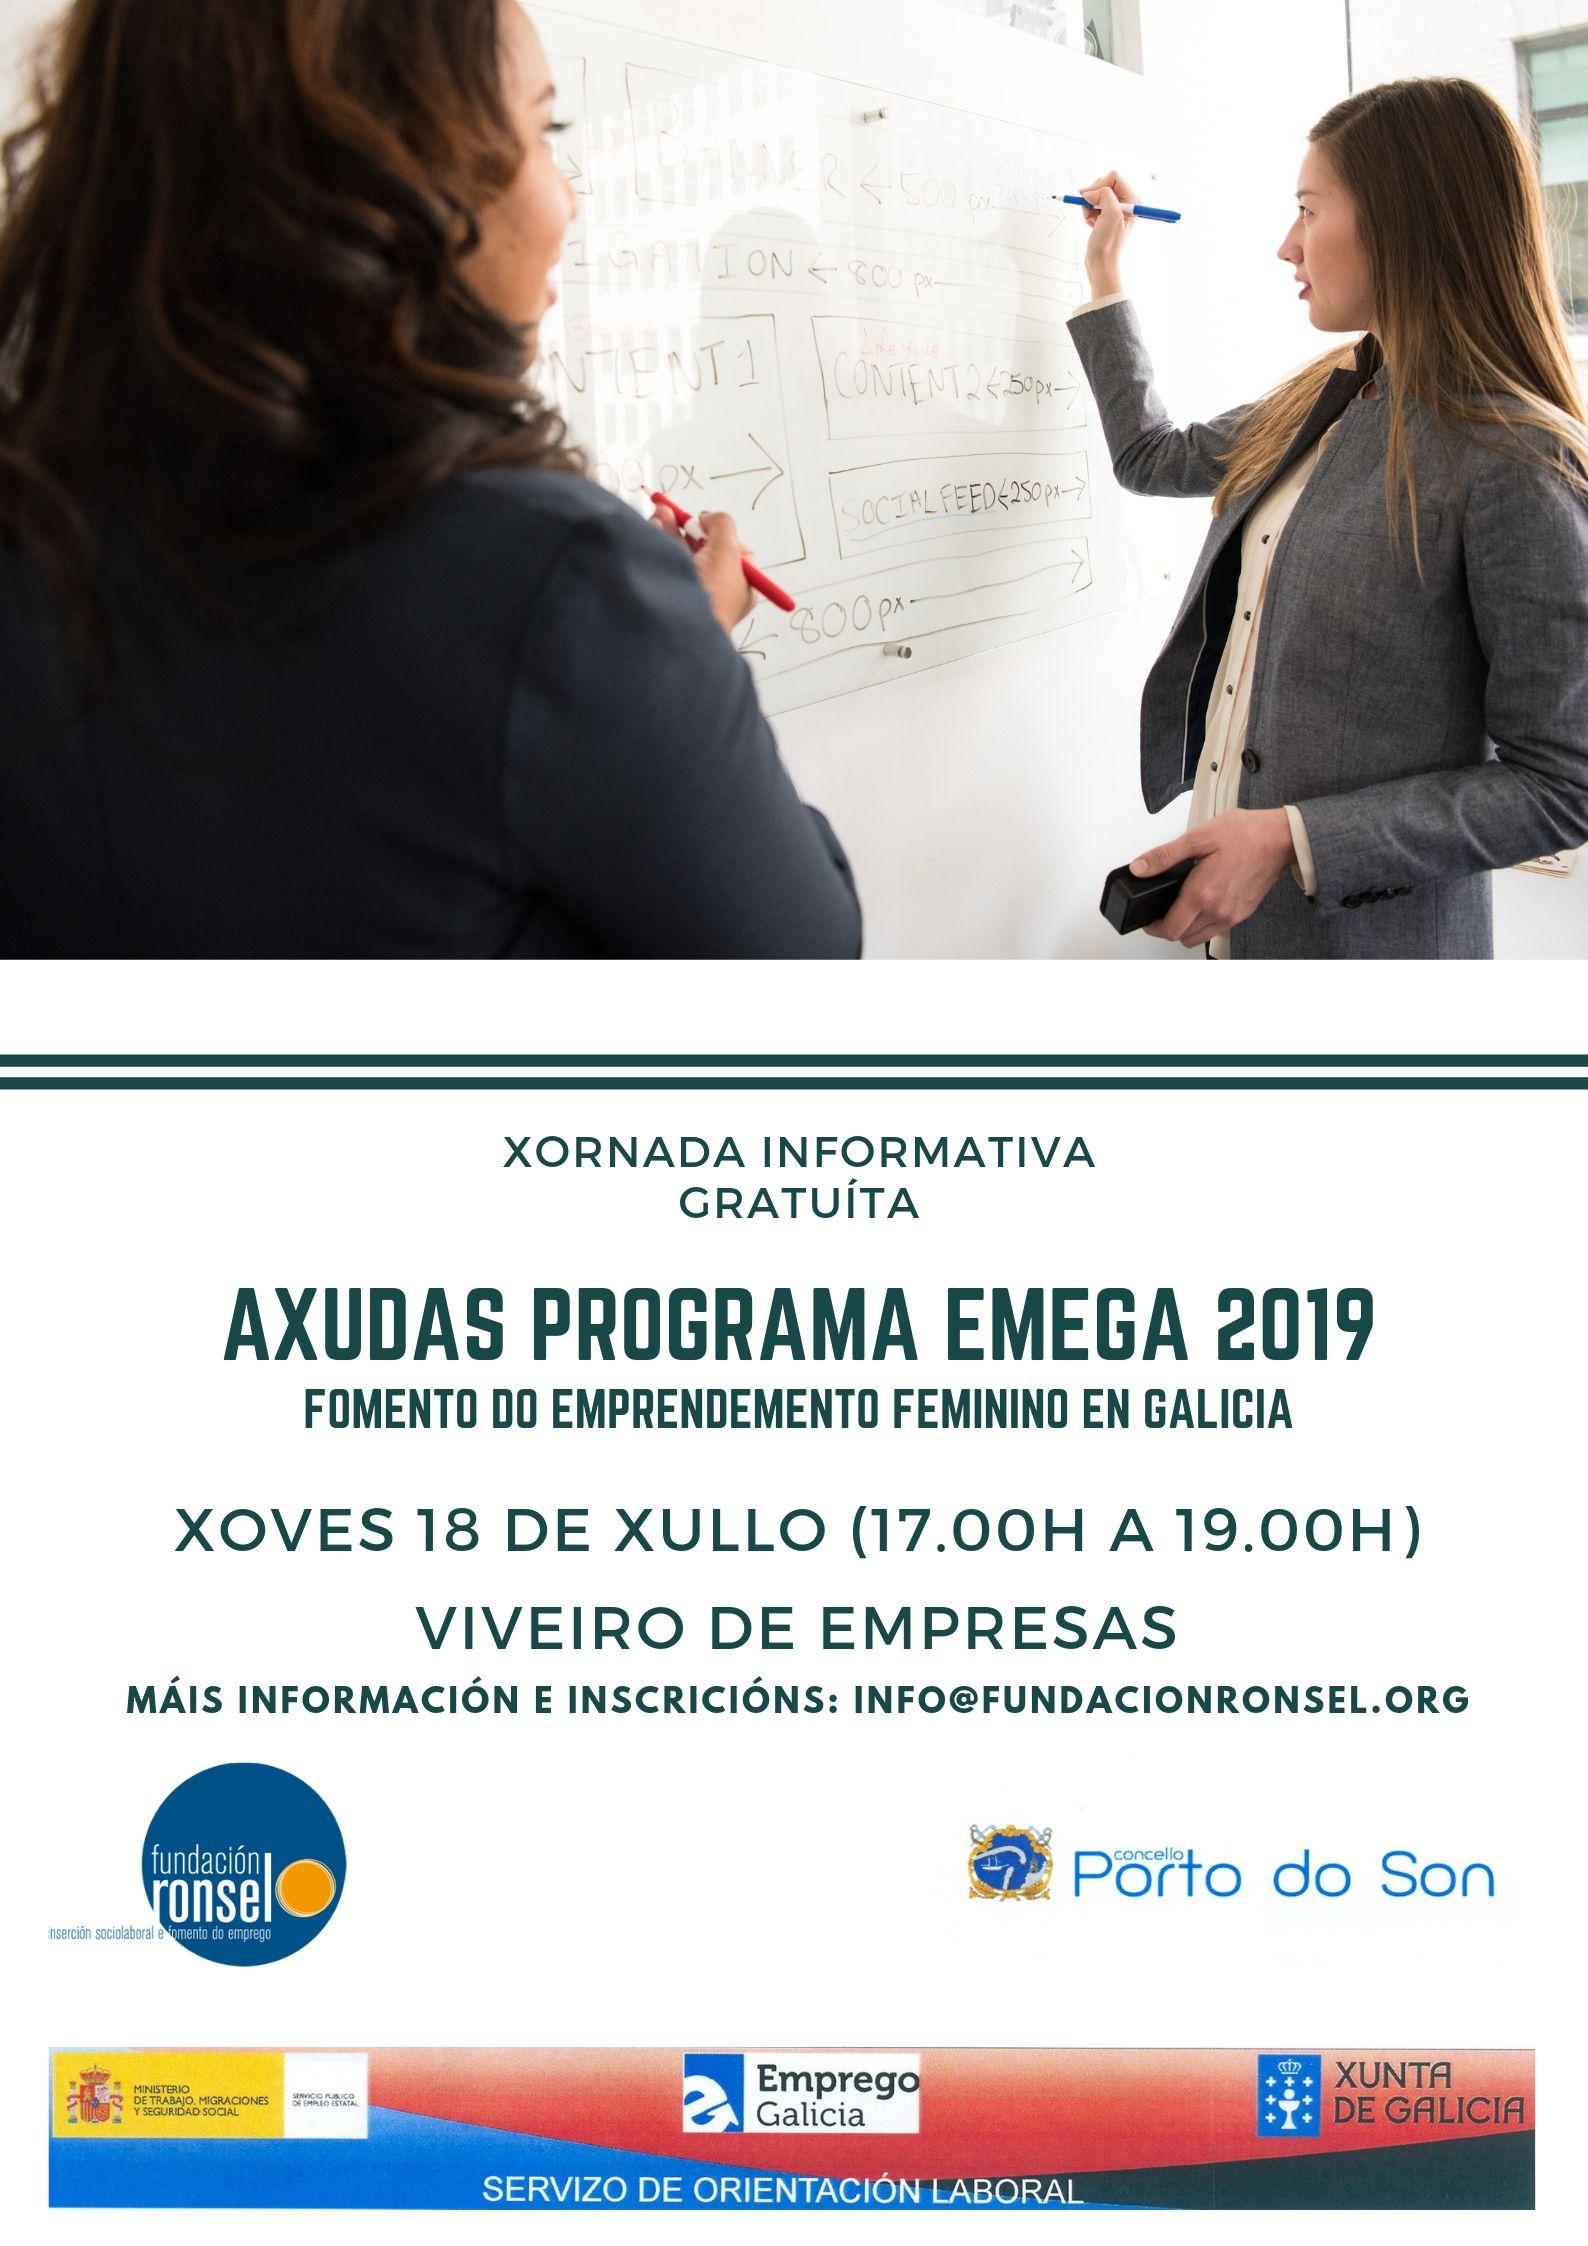 xornada informativa EMEGA 2019